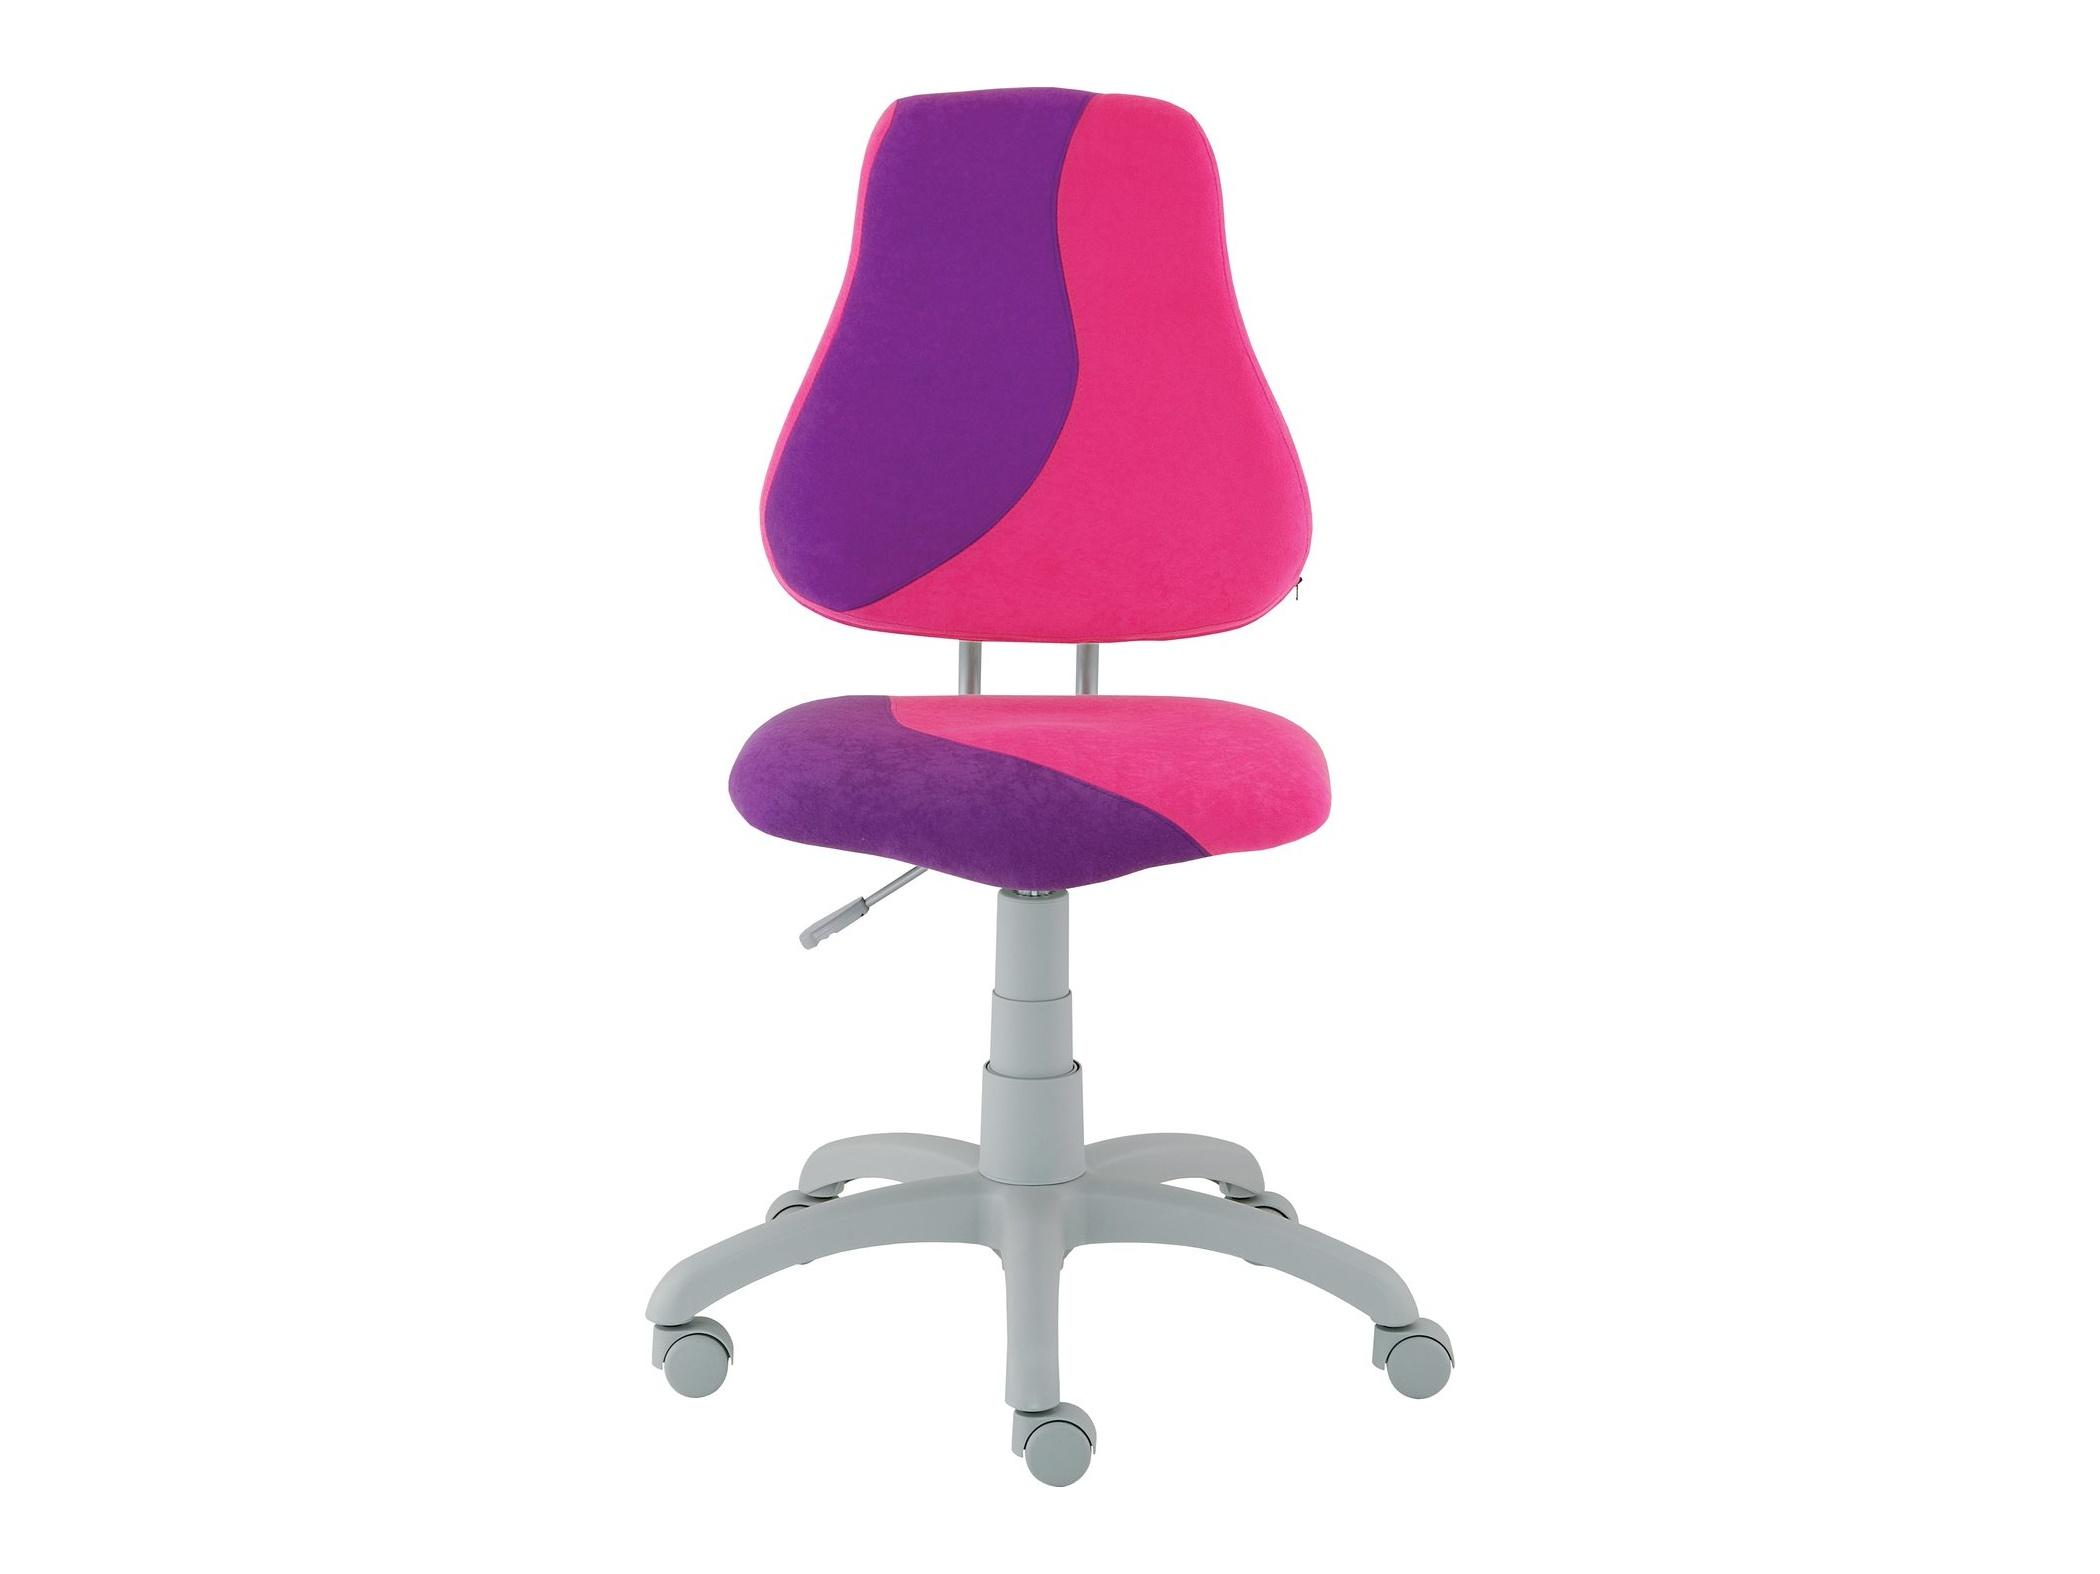 Dětská židle FUXO S, růžová/fialová